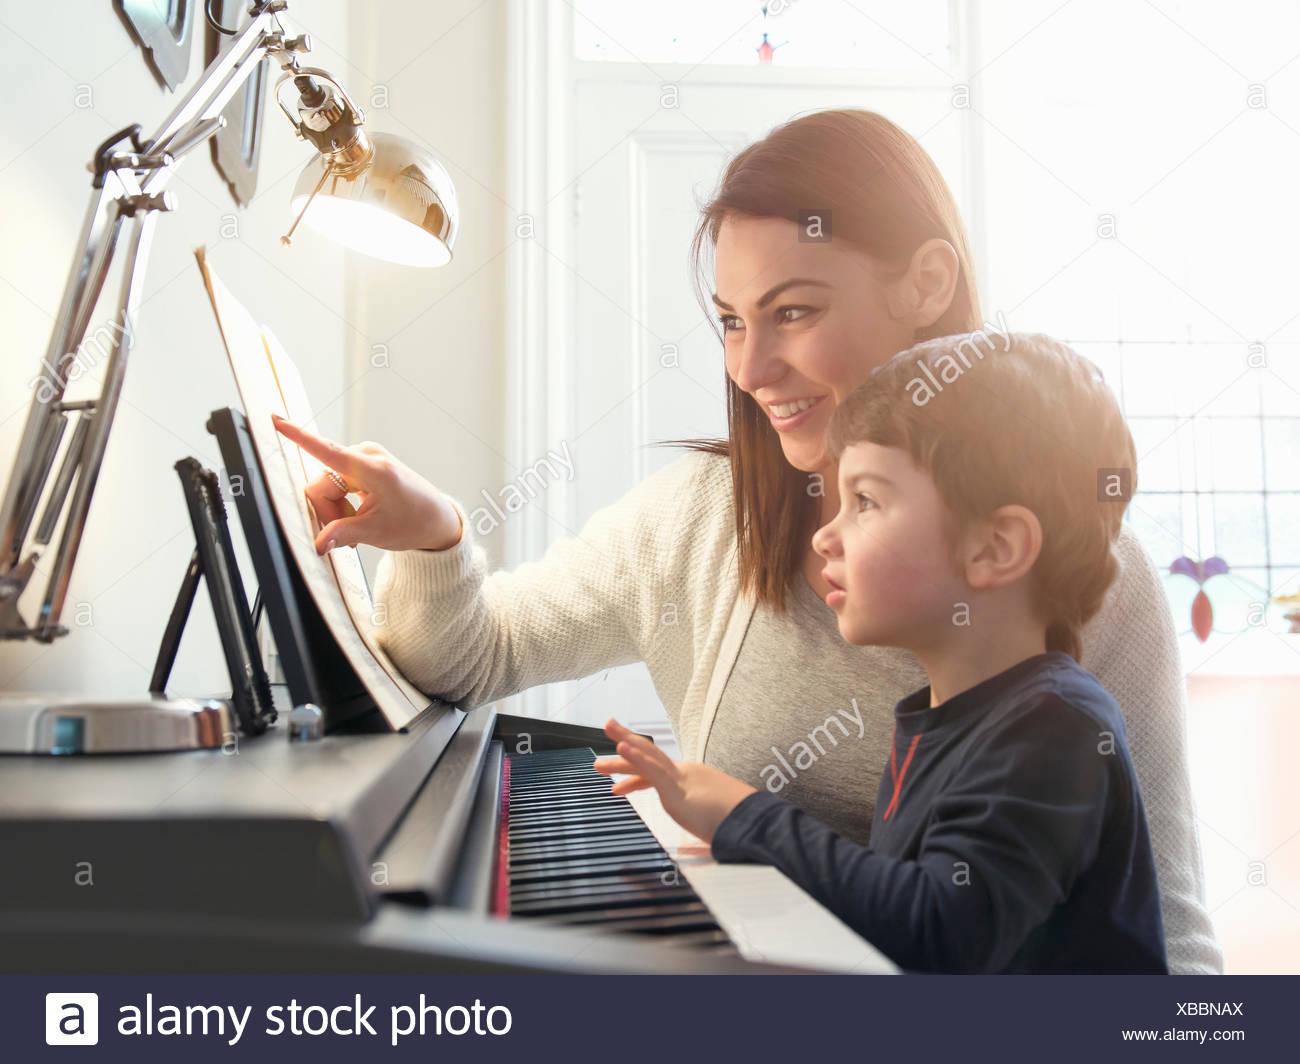 Mutter zeigt auf Noten Sohn zu Hause Klavier spielen beibringen Stockbild